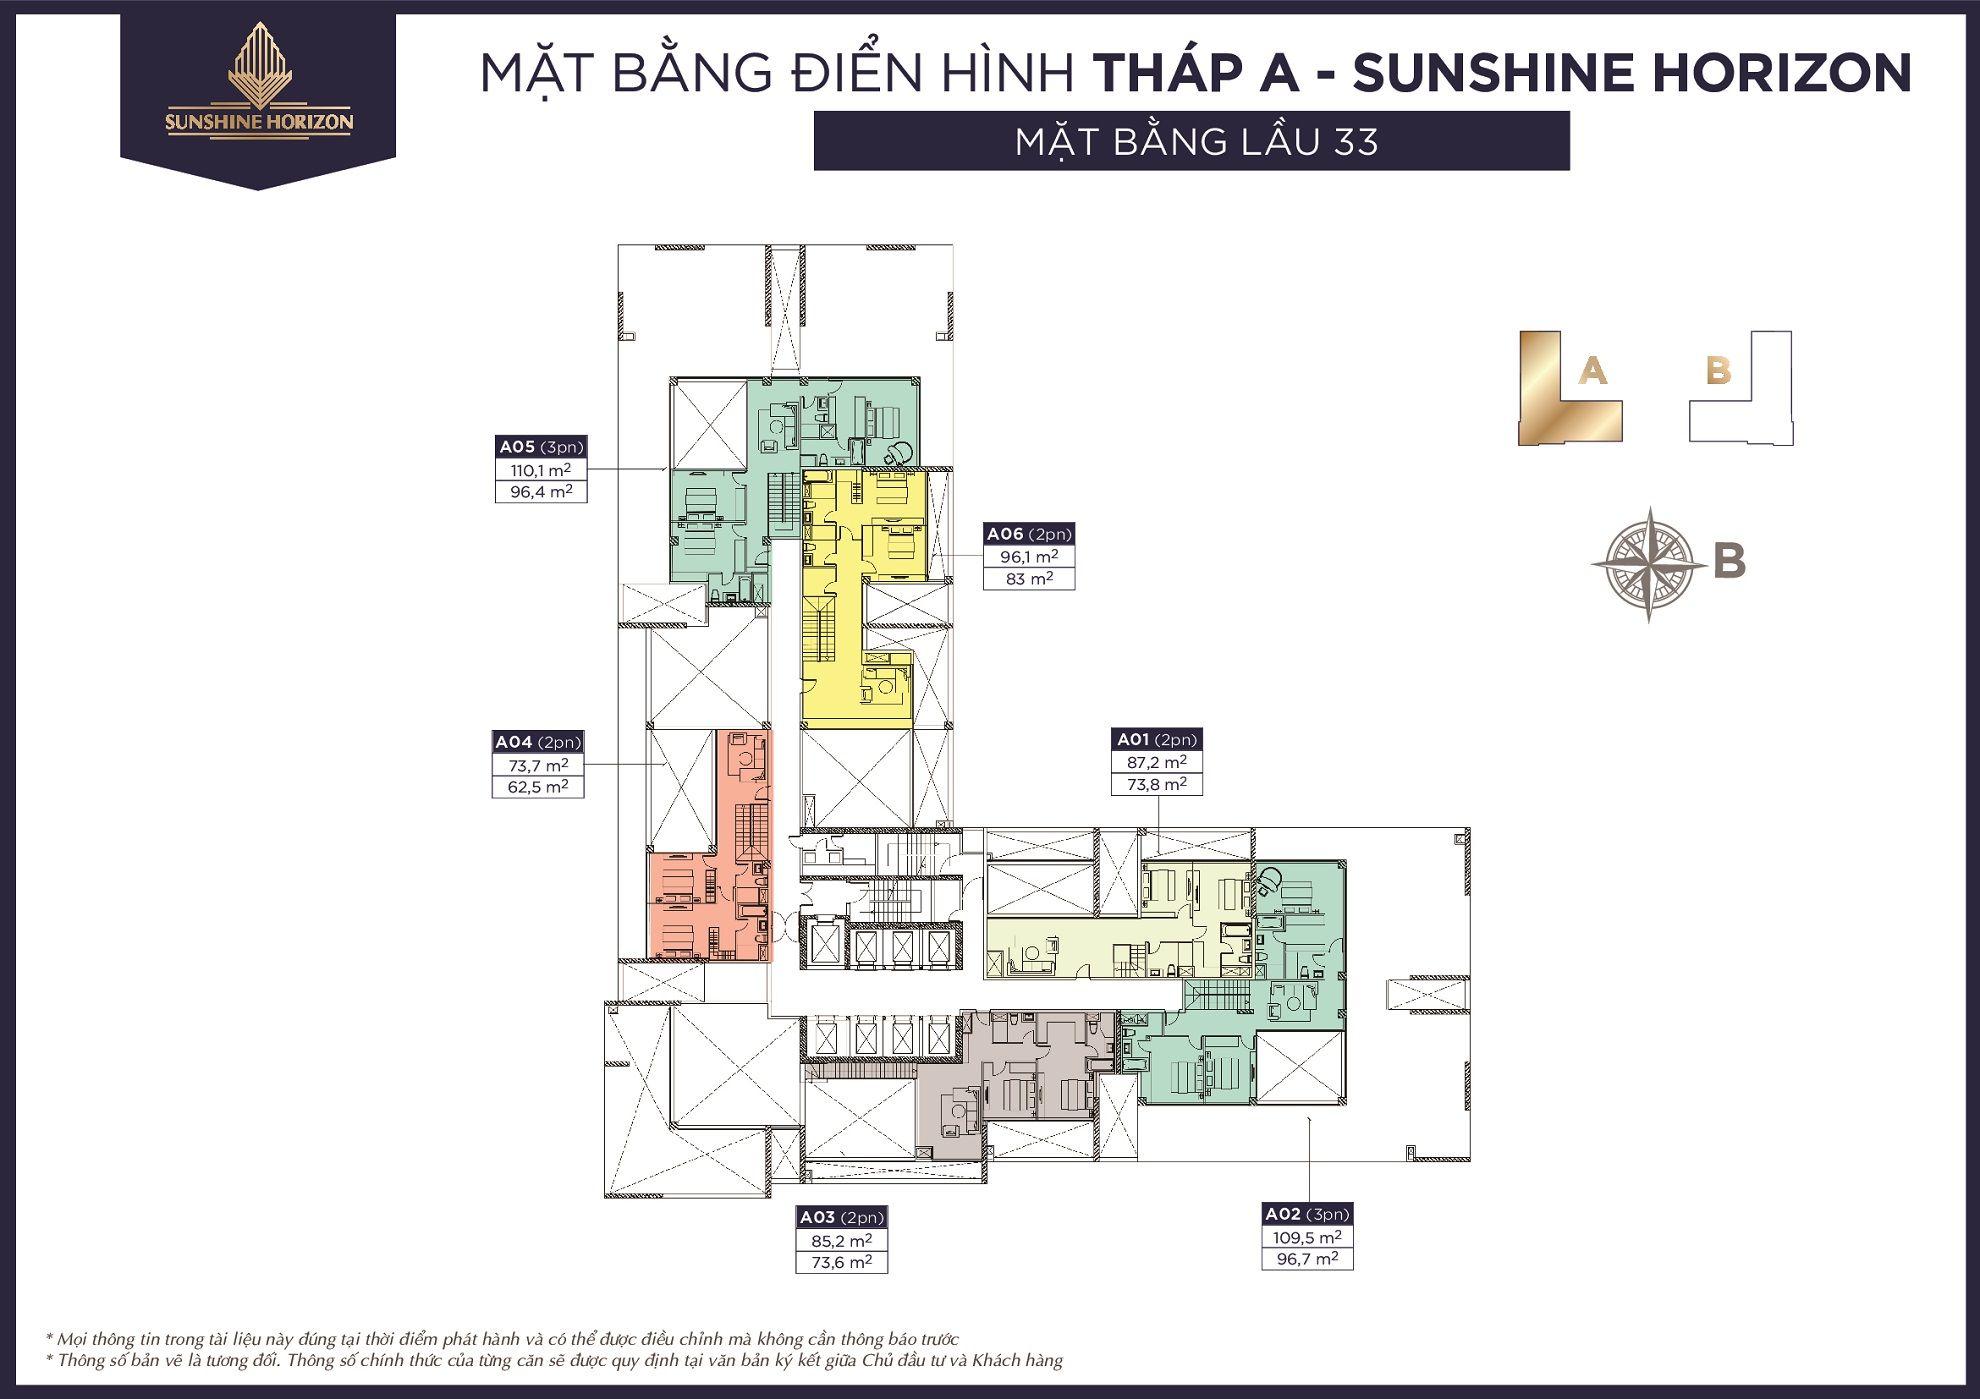 mat-bang-dien-hinh-tang-33-sunshine-horizon-compressed